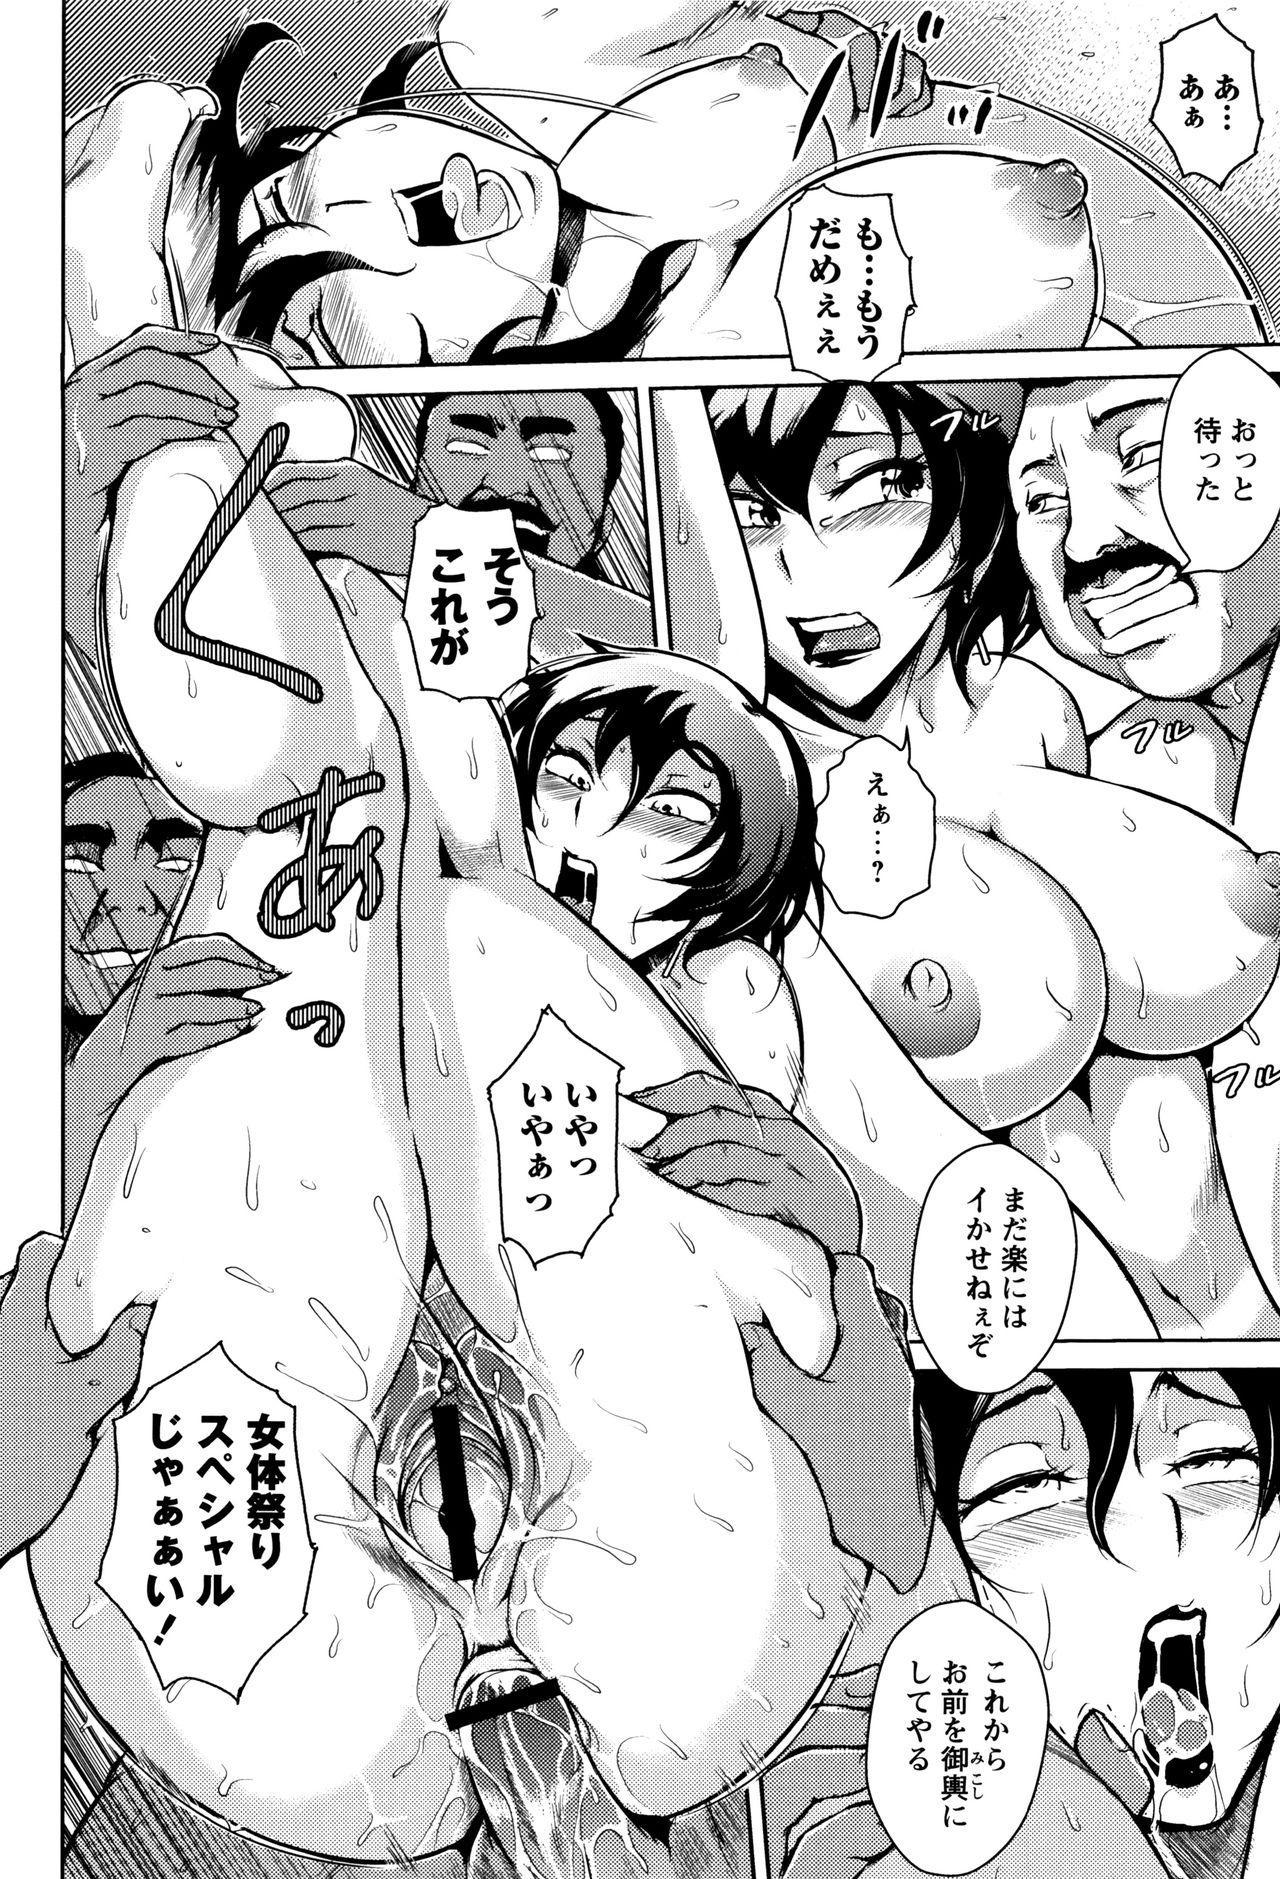 Ero BBA ♥ Dosukebe Ha Sengen 177